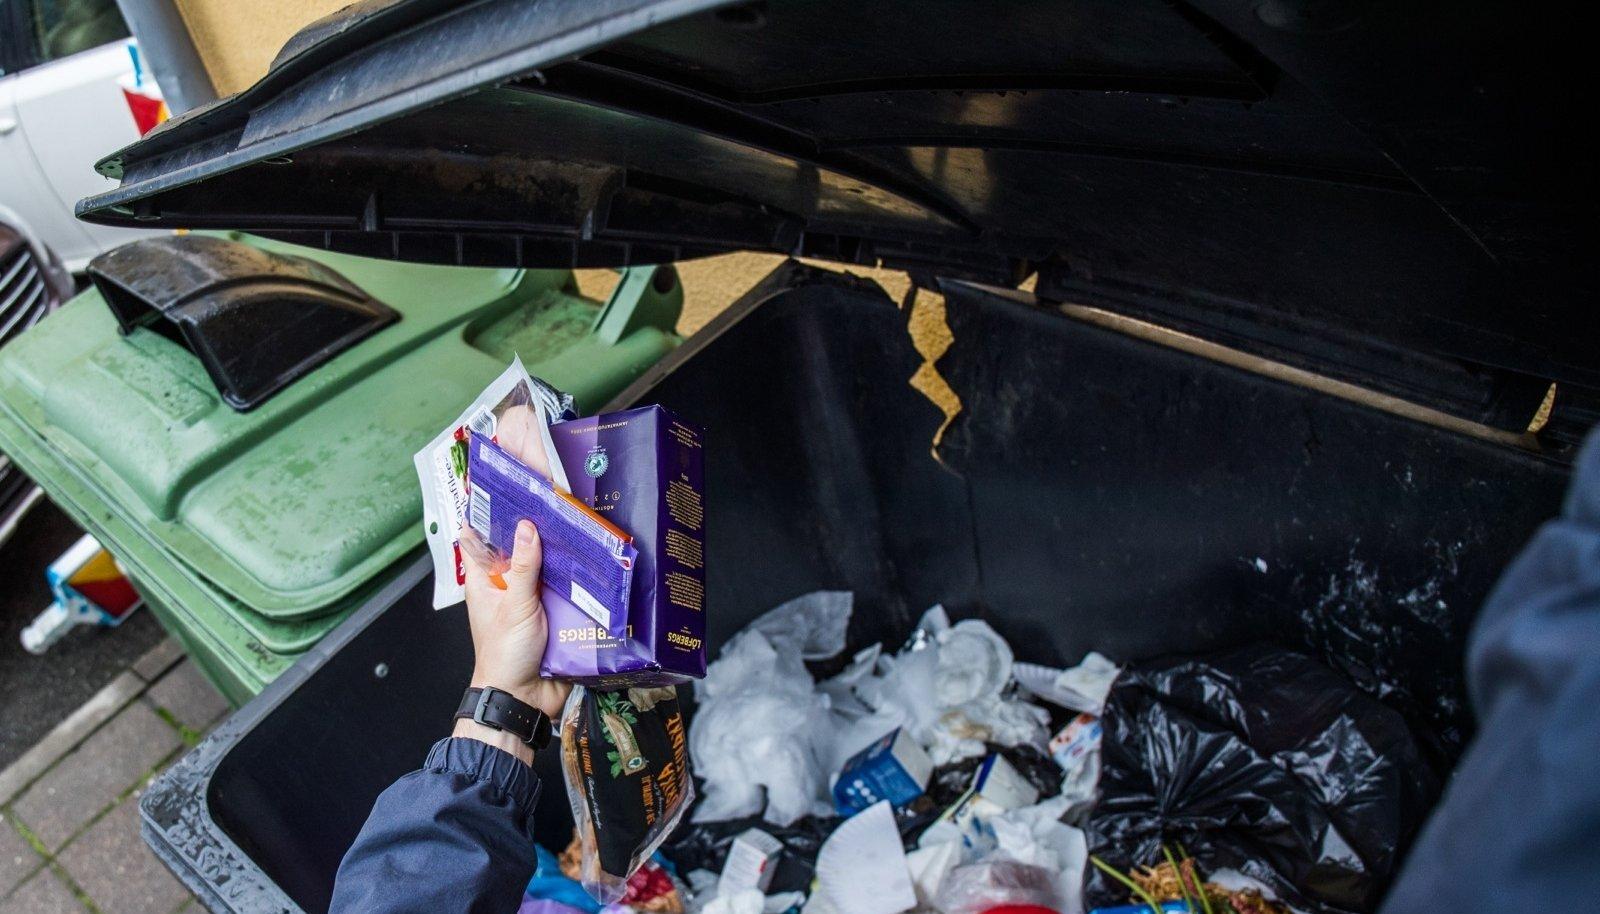 Söögikõlblik toit maandub tihti prügikasti, sest seadused ja eeskirjad ei luba kõiki tooteid annetada.